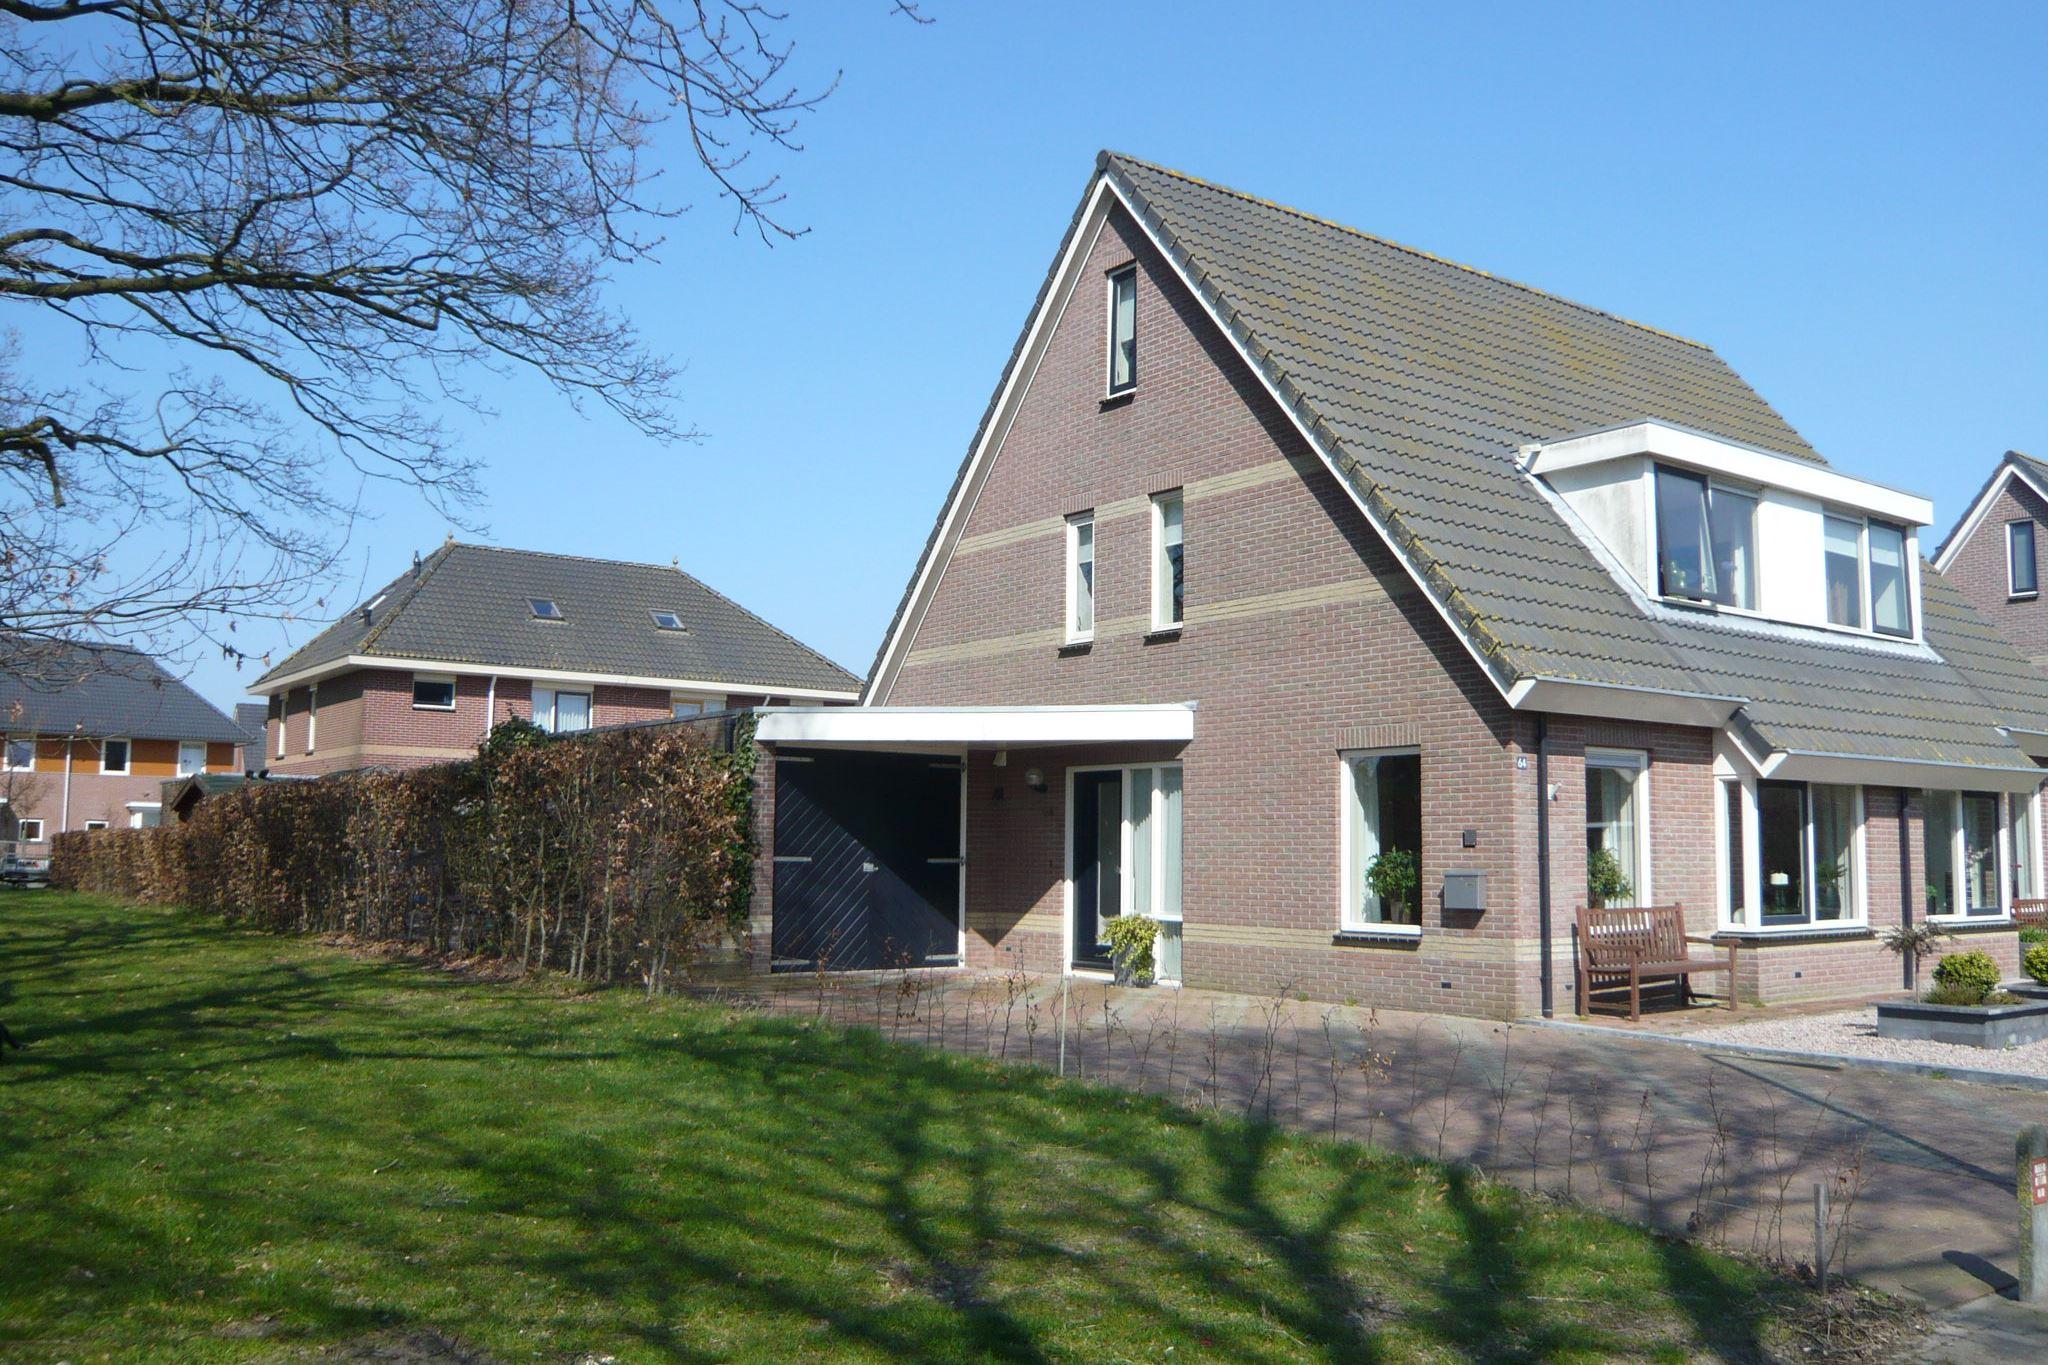 Huis te koop hanegraaffweg 64 9257 vv noardburgum funda - Huis vv ...